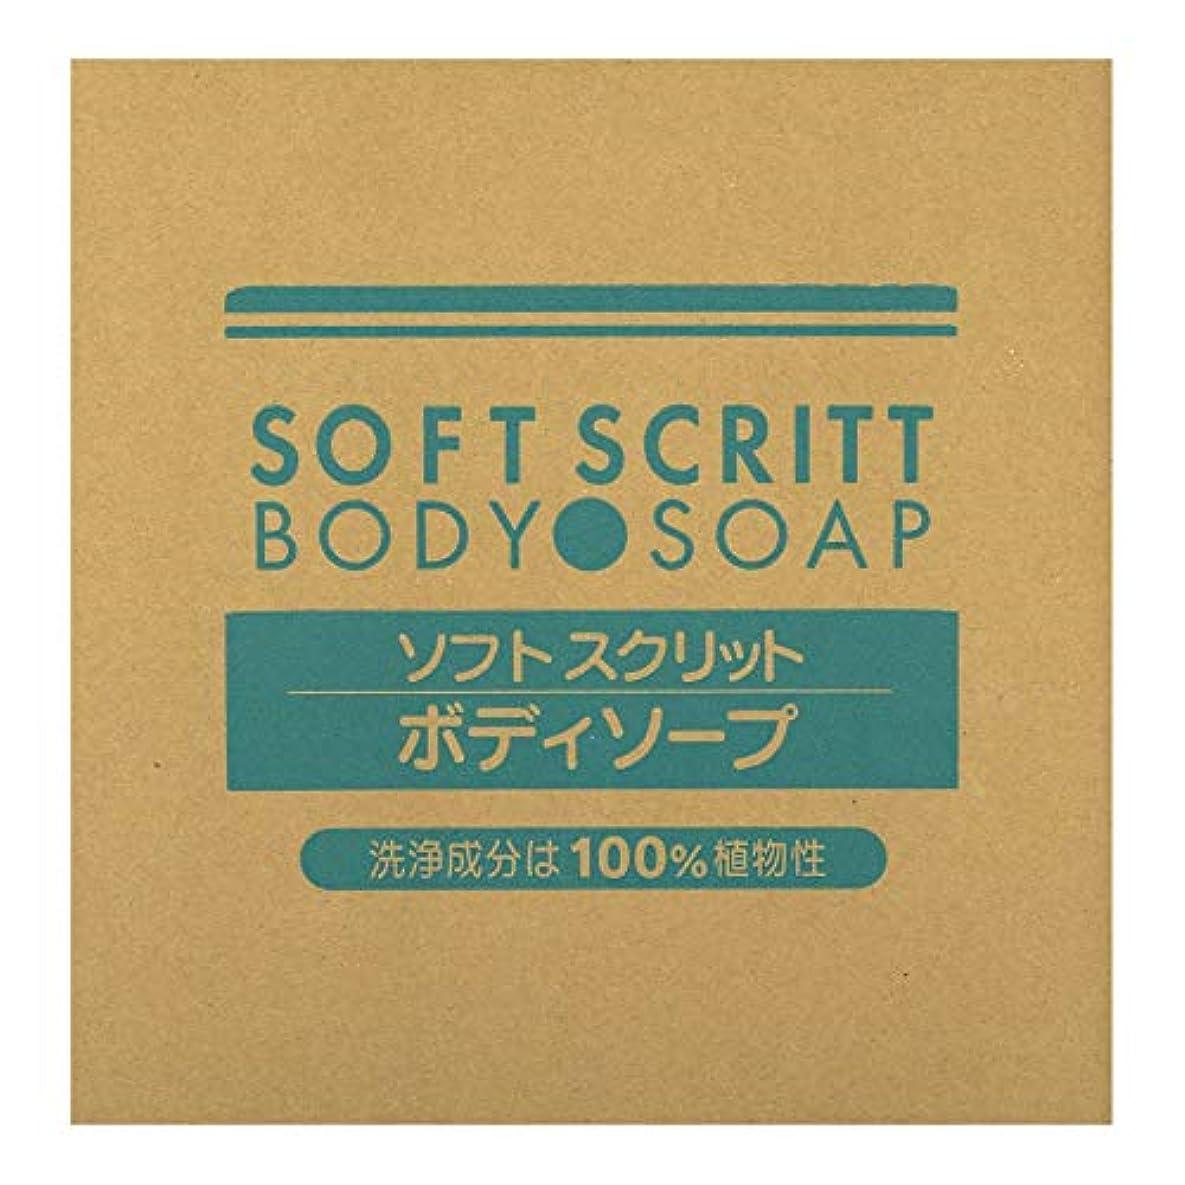 代表する一定キモい熊野油脂 業務用 SOFT SCRITT(ソフト スクリット) ボディソープ 18L